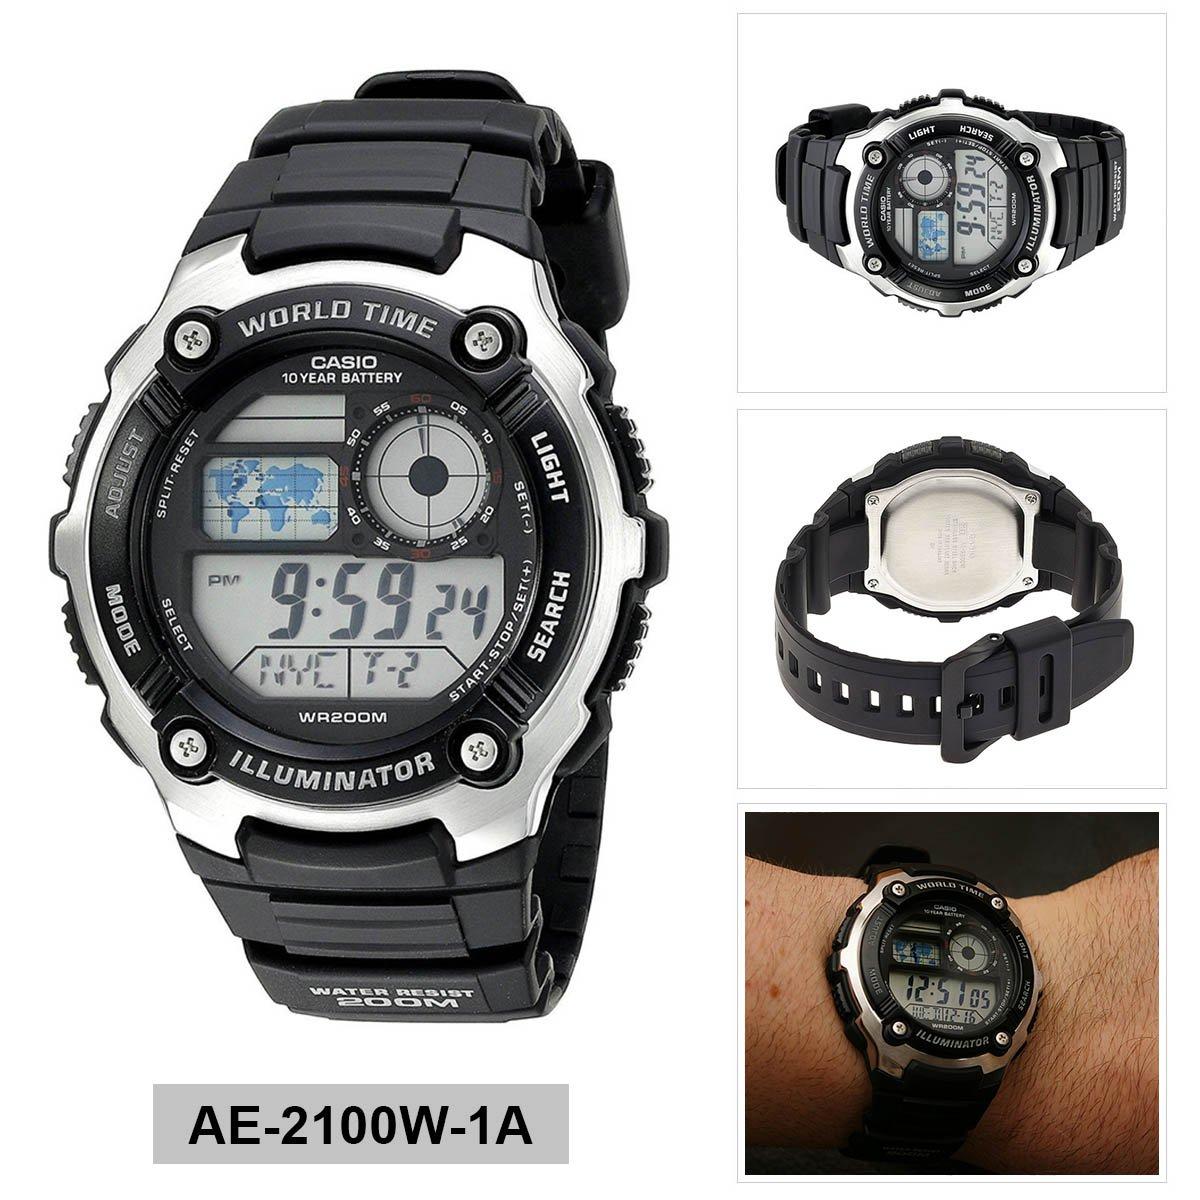 51145db18c1 Relógio Masculino Digital Casio AE-2100W-1AVDF - Preto  Amazon.com.br   Amazon Moda